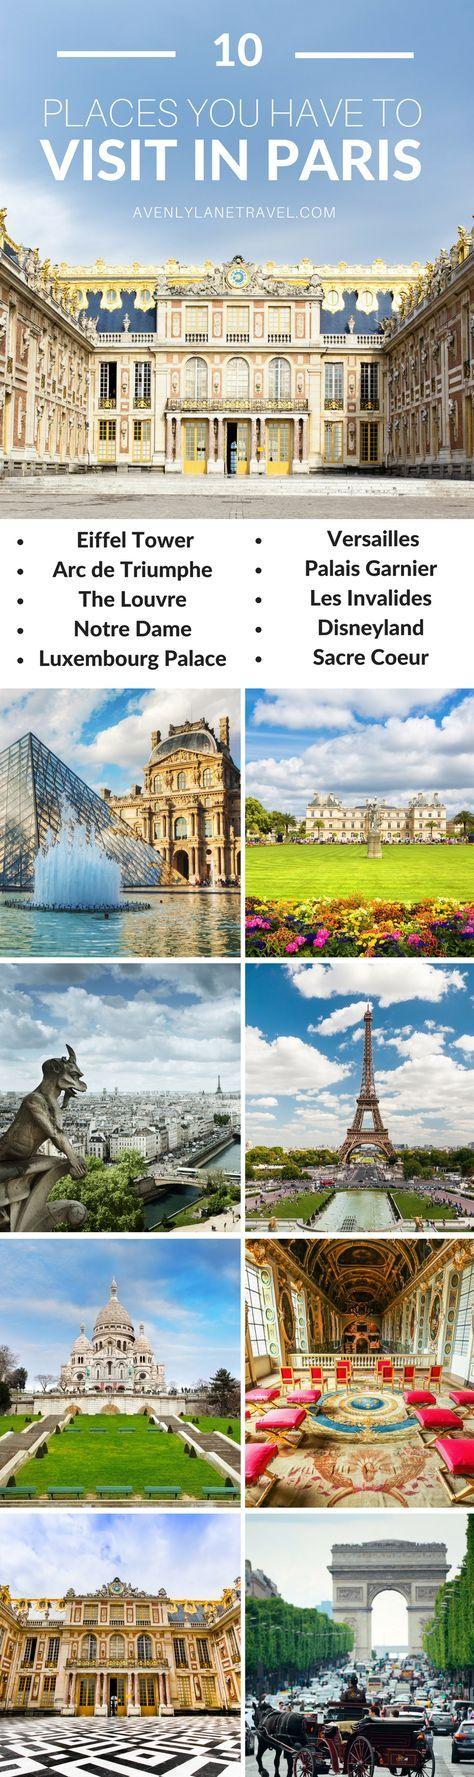 17 best ideas about paris france food on pinterest france paris and paris travel. Black Bedroom Furniture Sets. Home Design Ideas